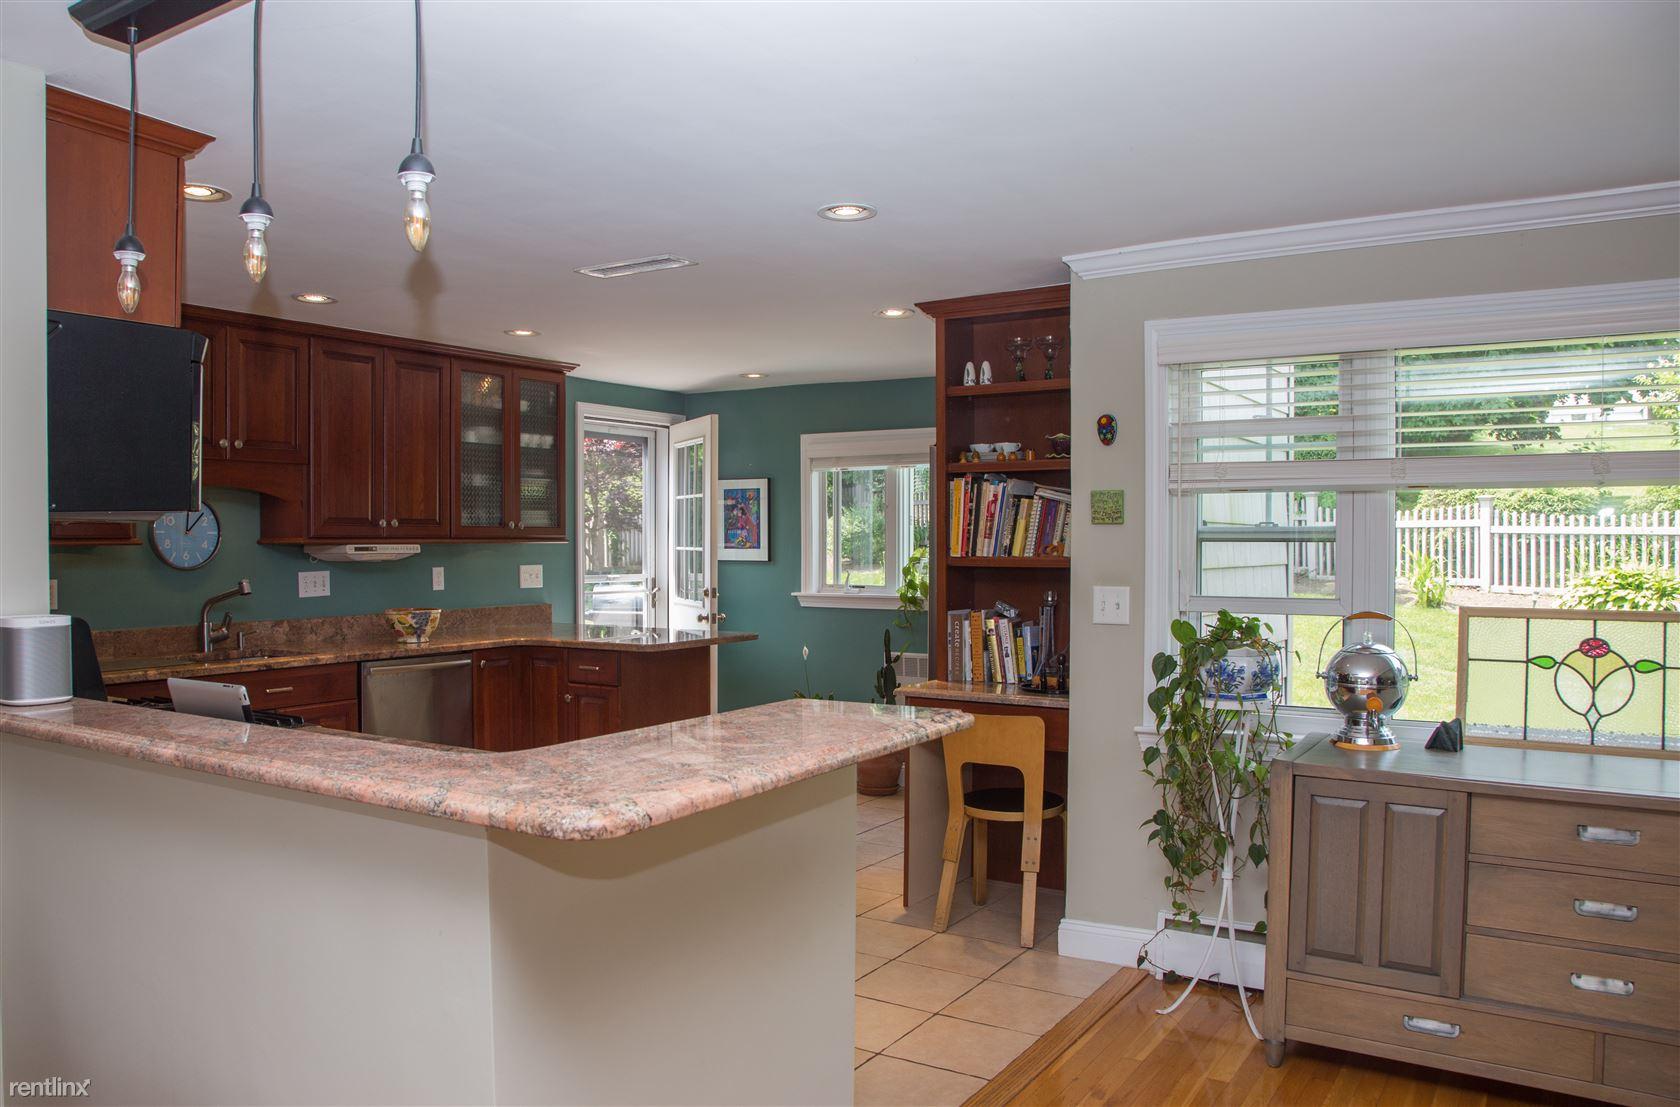 3 Augustus Rd, Waltham, MA - $4,000